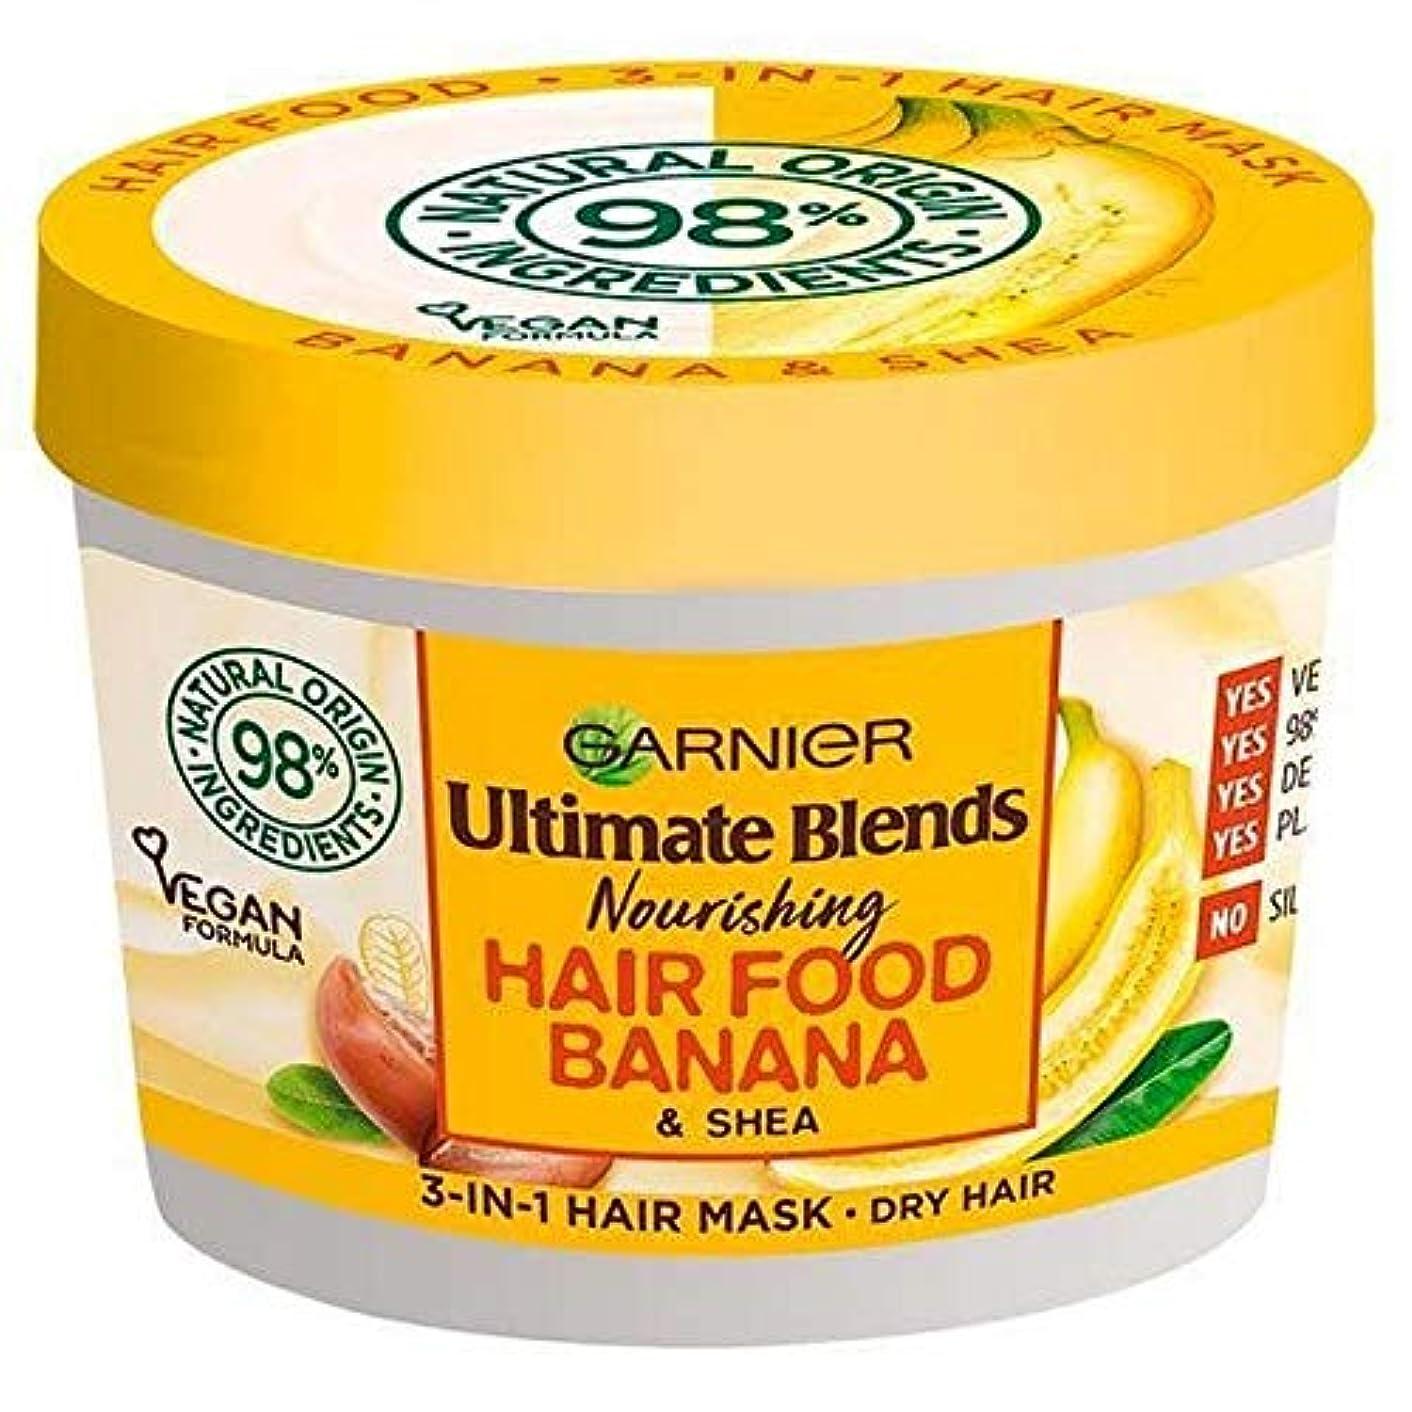 アフリカ人支払うアラバマ[Garnier ] ガルニエ究極は1つのマスク390ミリリットルでヘア食品バナナ3をブレンド - Garnier Ultimate Blends Hair Food Banana 3 in 1 Mask 390ml [...